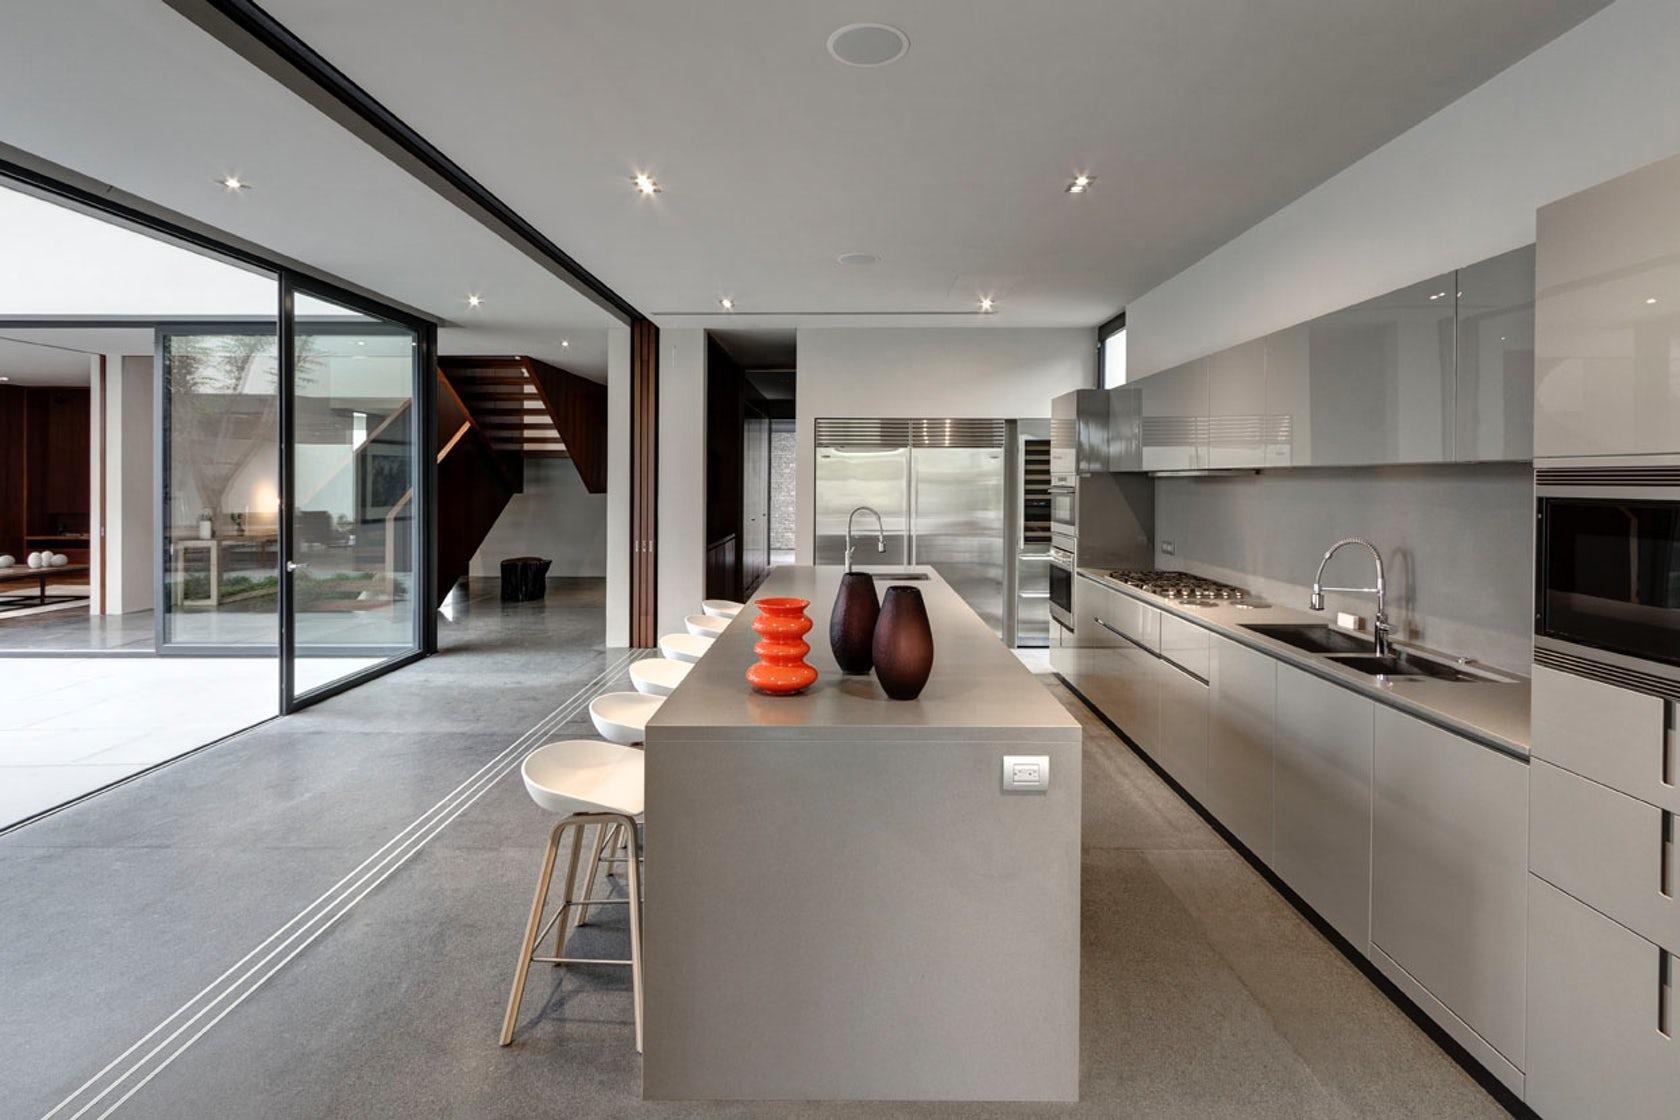 Um espaço de cozinha com acesso a área externa super moderno